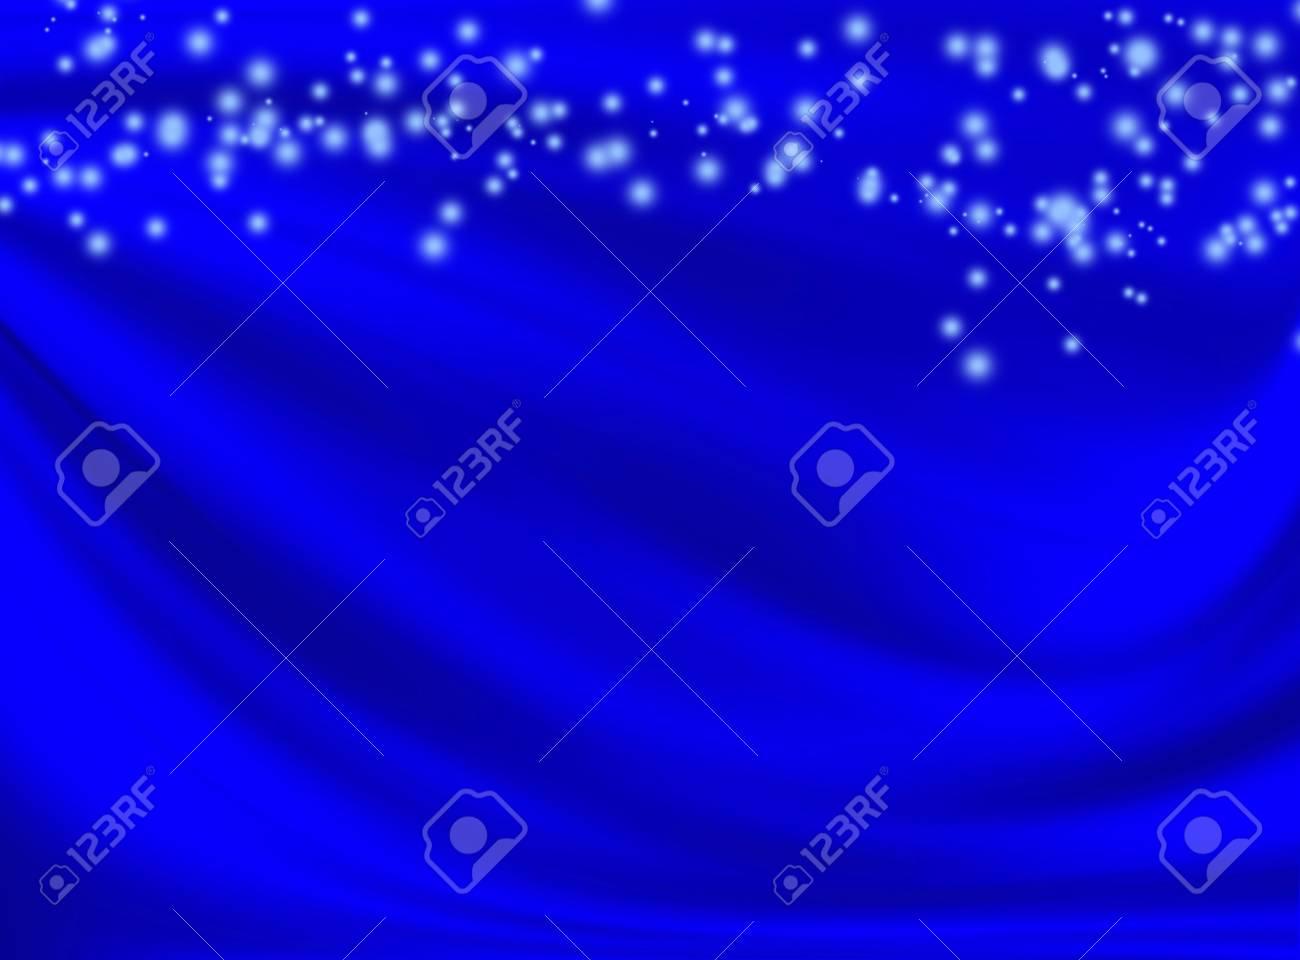 Immagini Stock Astratto Sfondo Blu Con Linee Ondulate E Spot Image